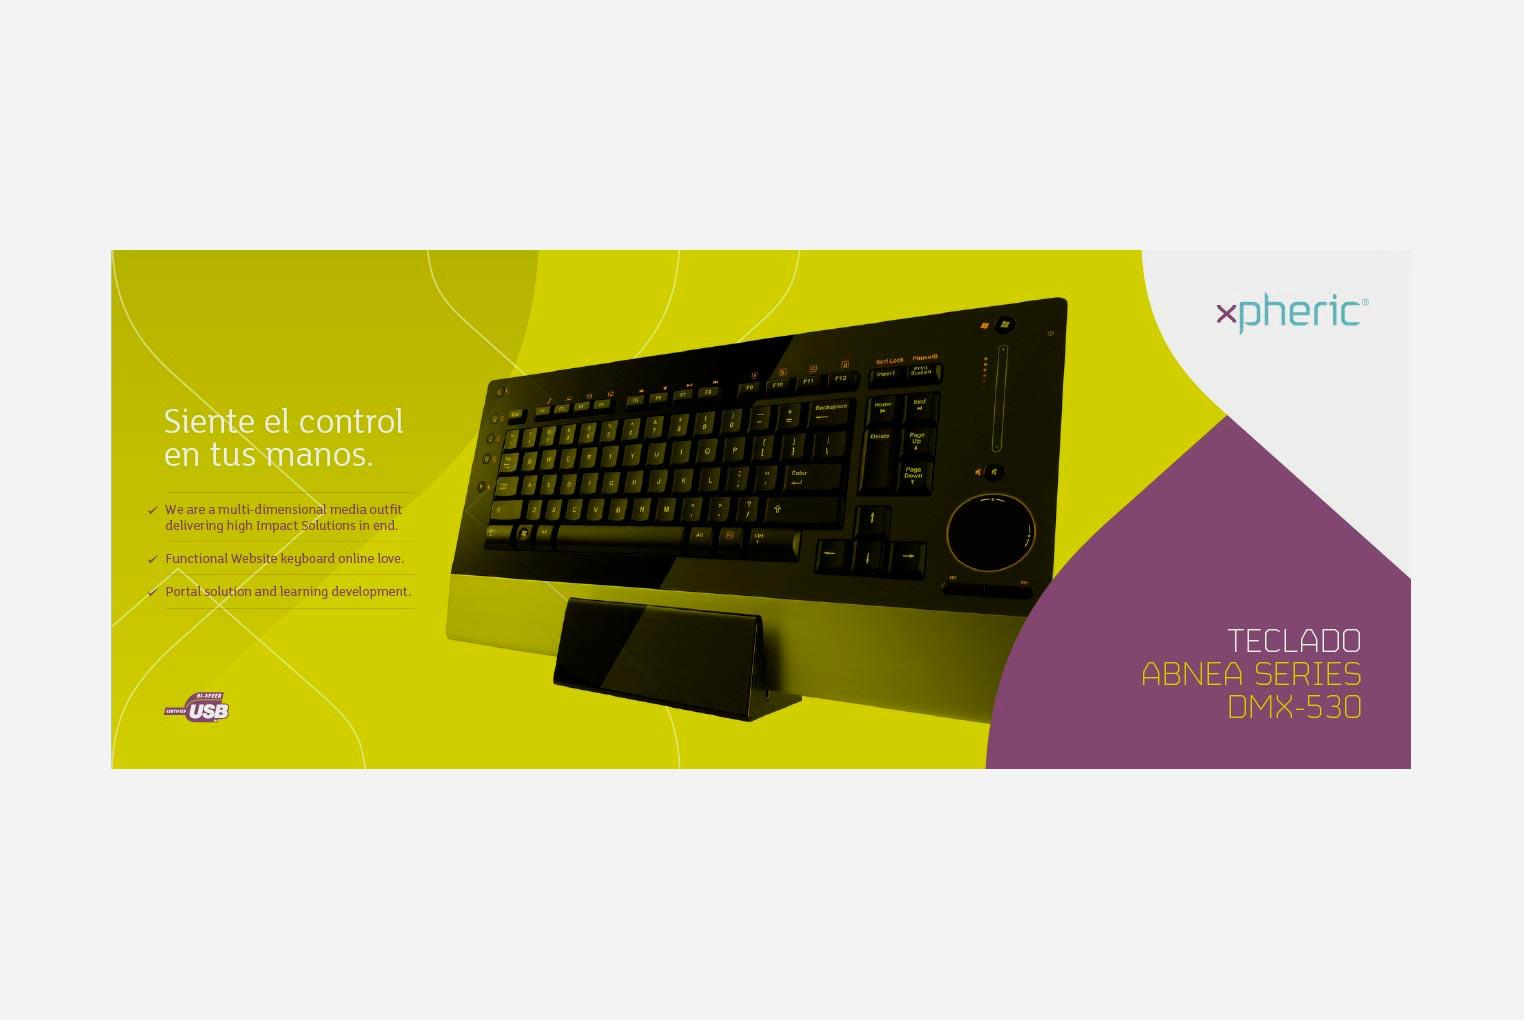 Diseño de packaging teclado xpheric anverso